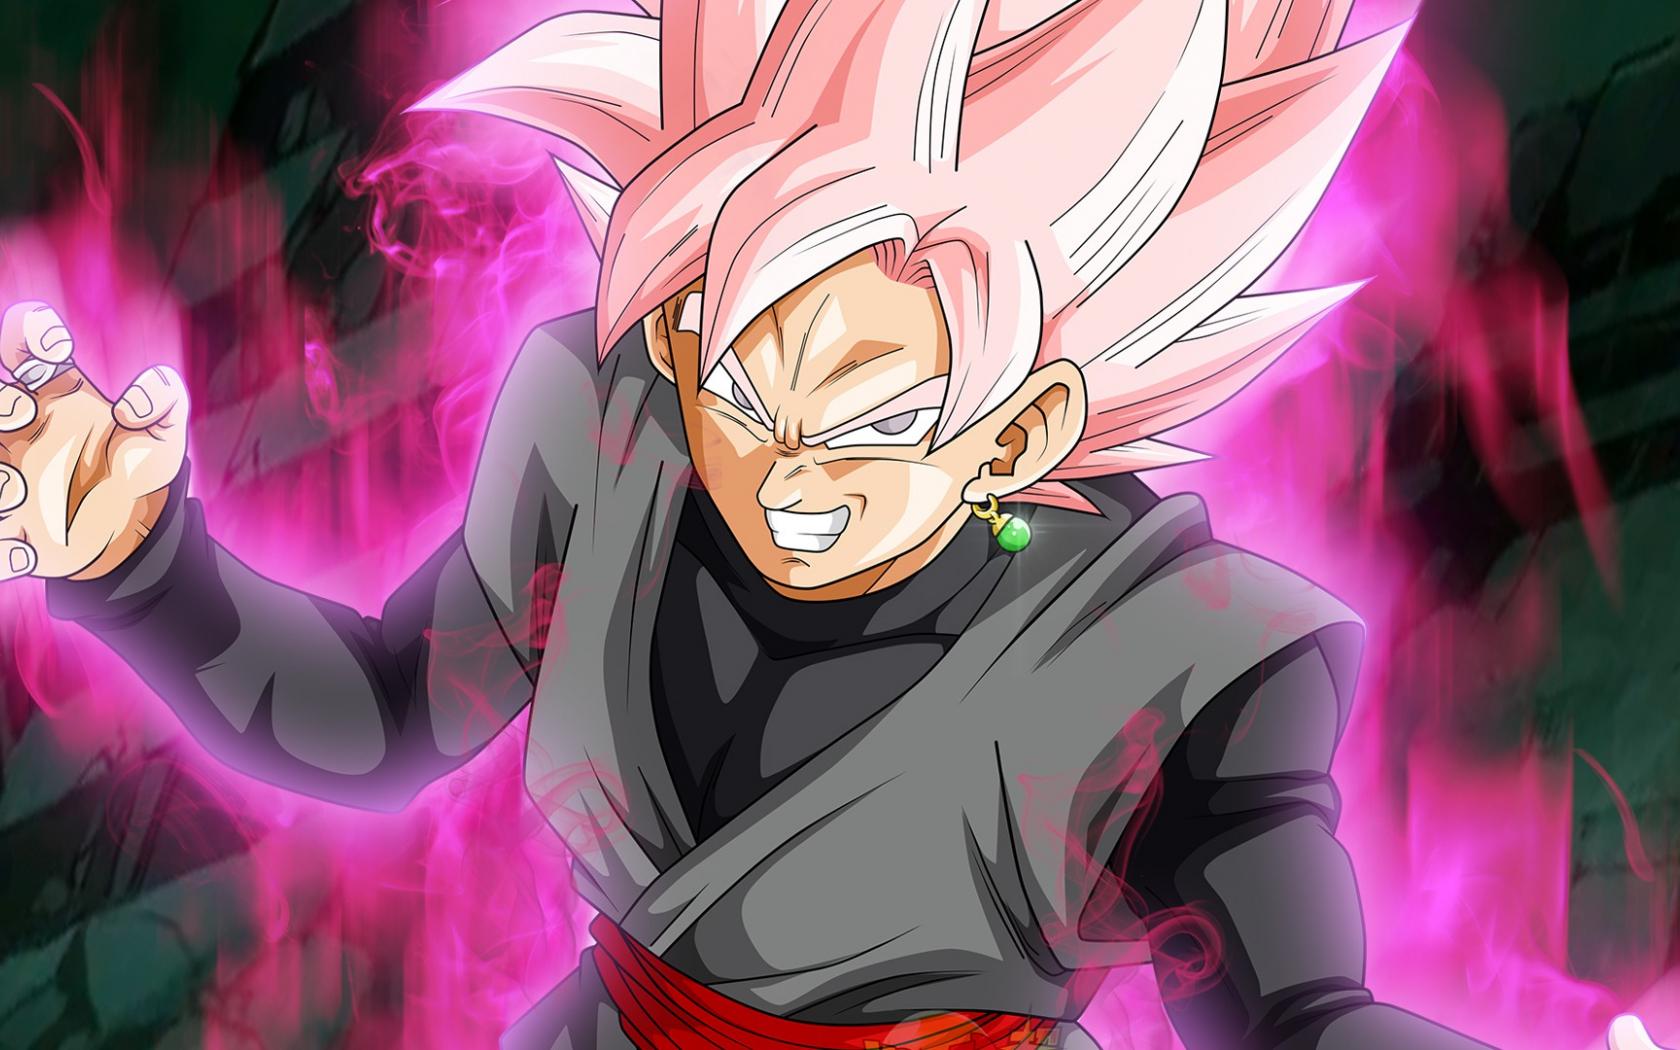 Free Download Super Saiyan Rose Goku Black Dragon Ball Super